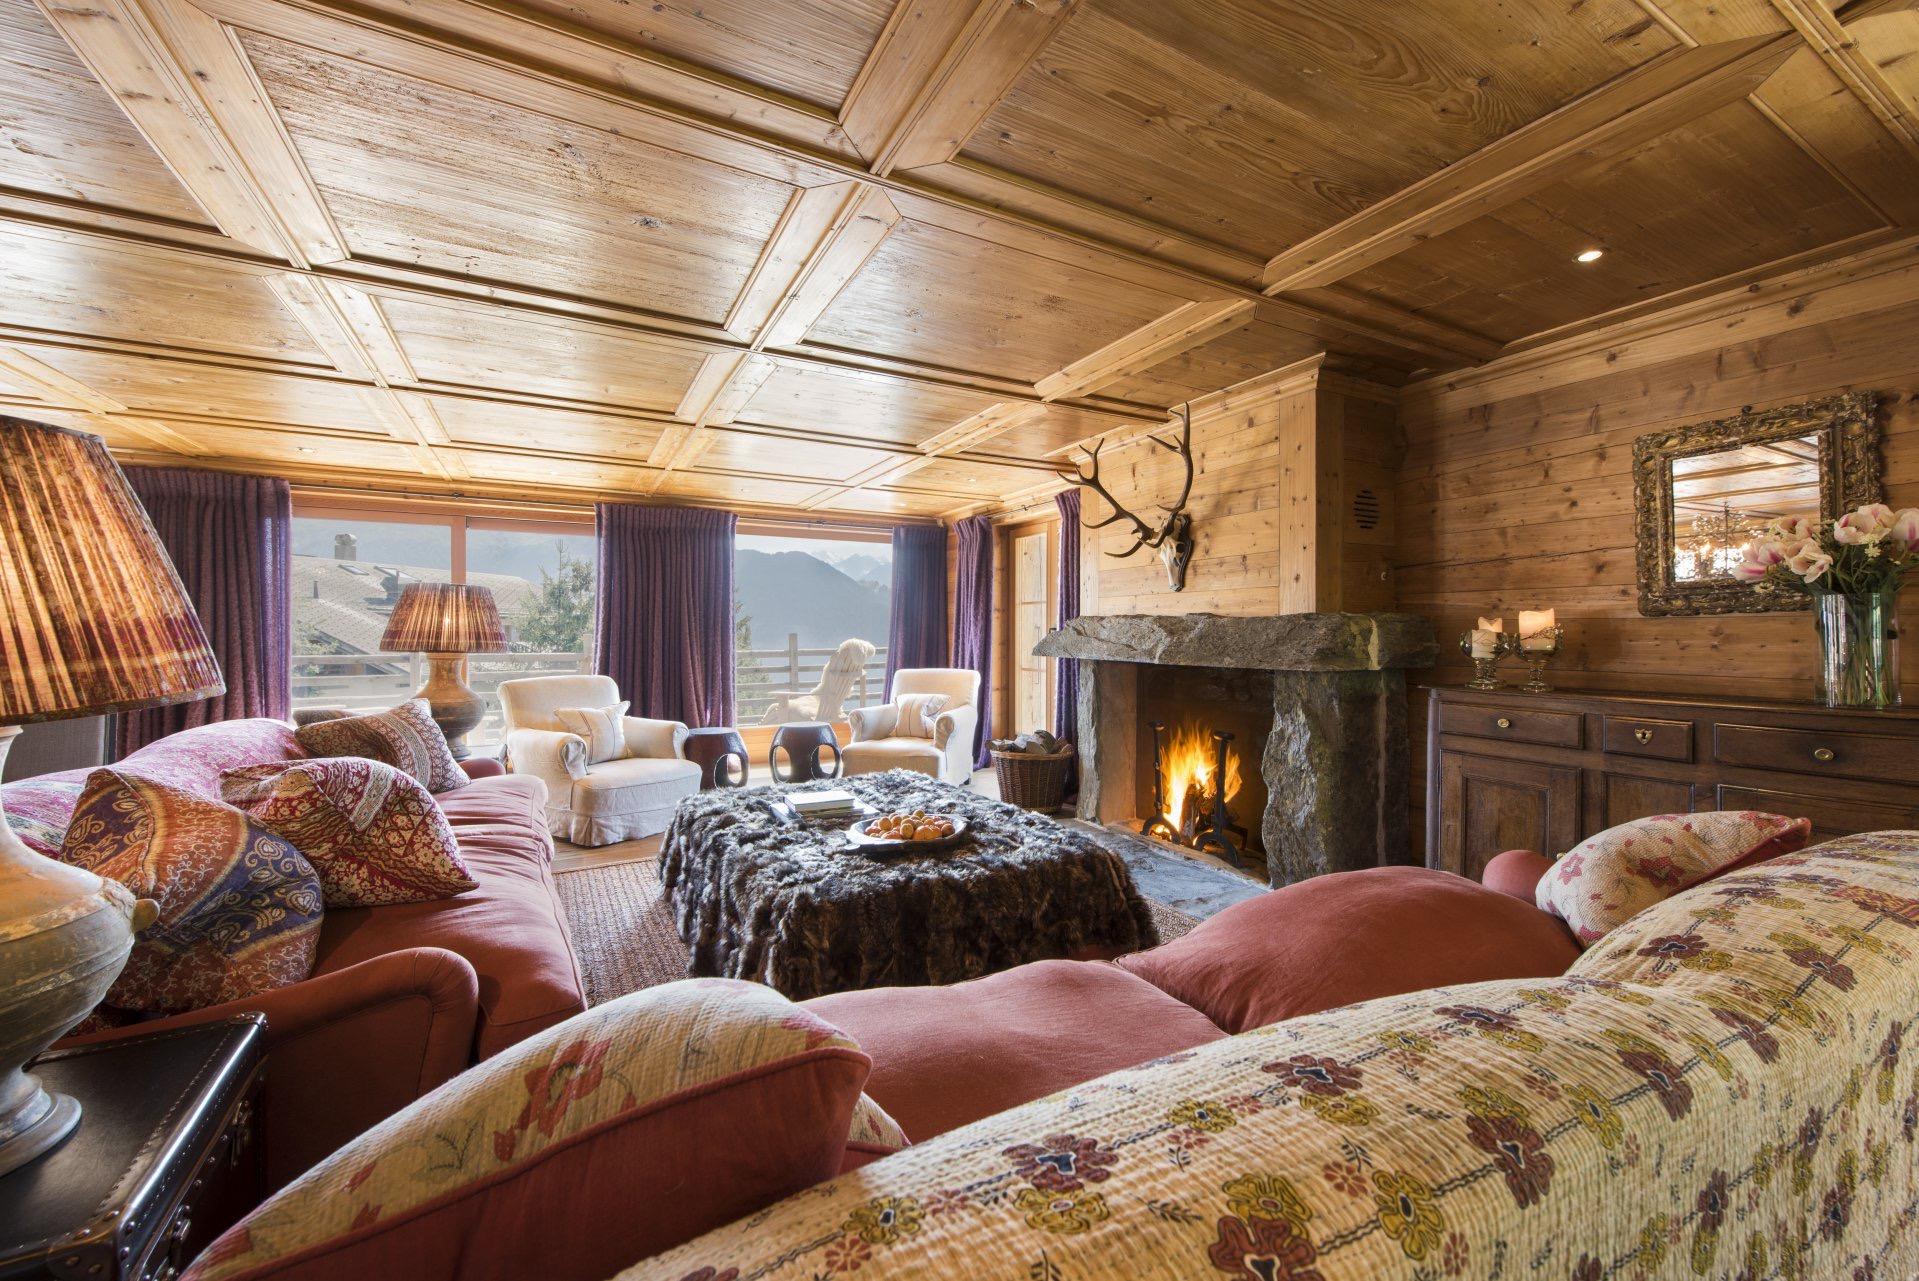 Дуплекс в Швейцарии, Альпы, горнолыжный курорт Вербье́